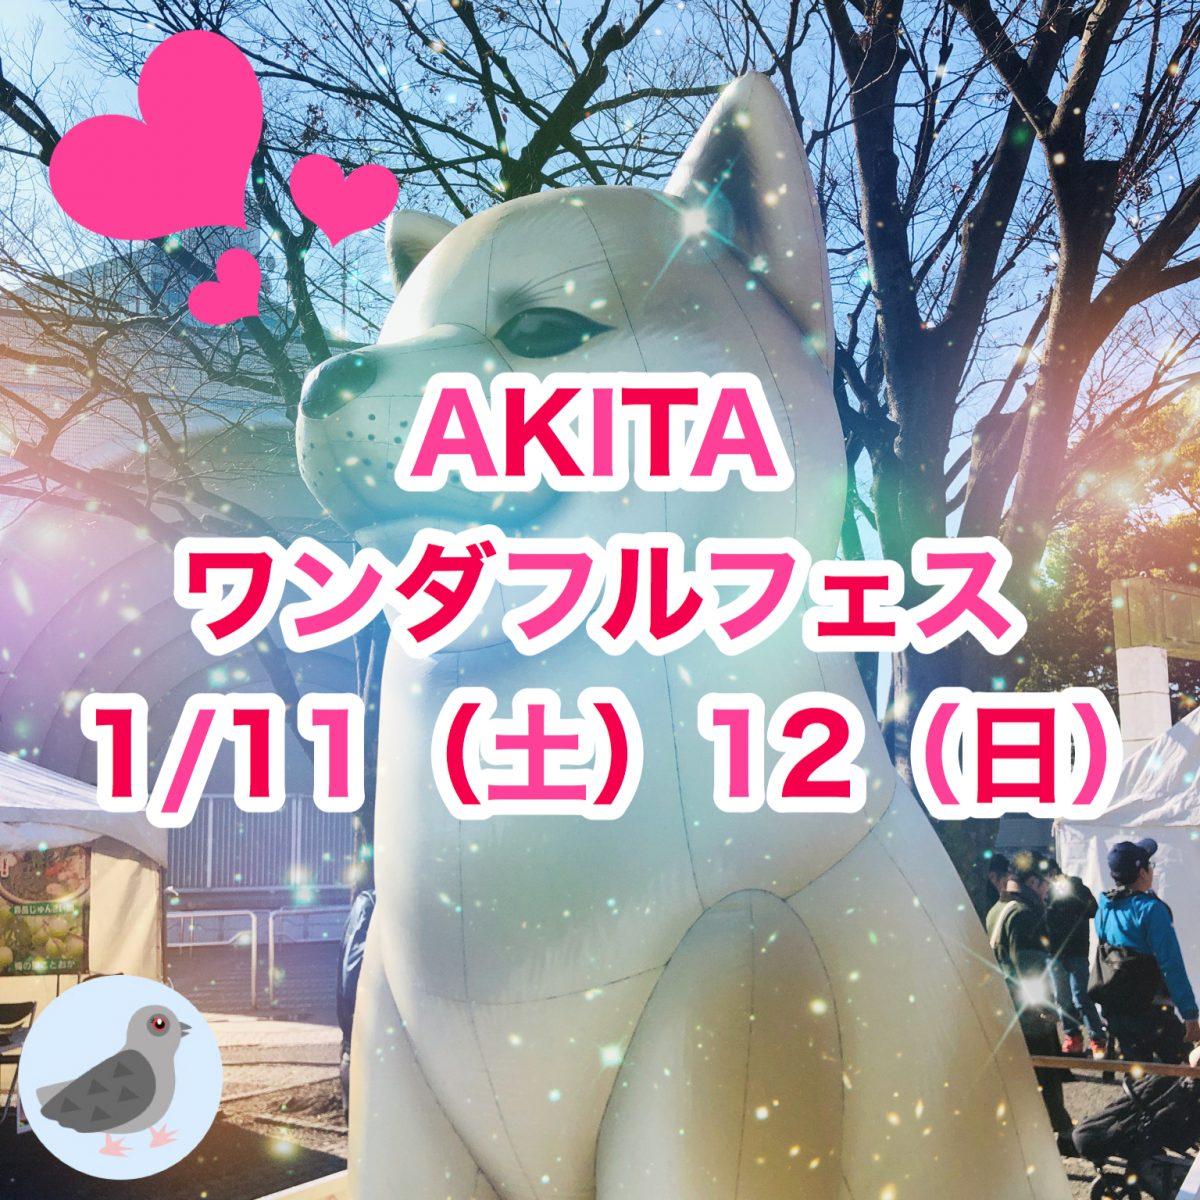 秋田の食・芸能でワイワイ 秋田犬と一緒にモフモフ 「なまはげ」も来るヨ!AKITAワンダフルフェス2020